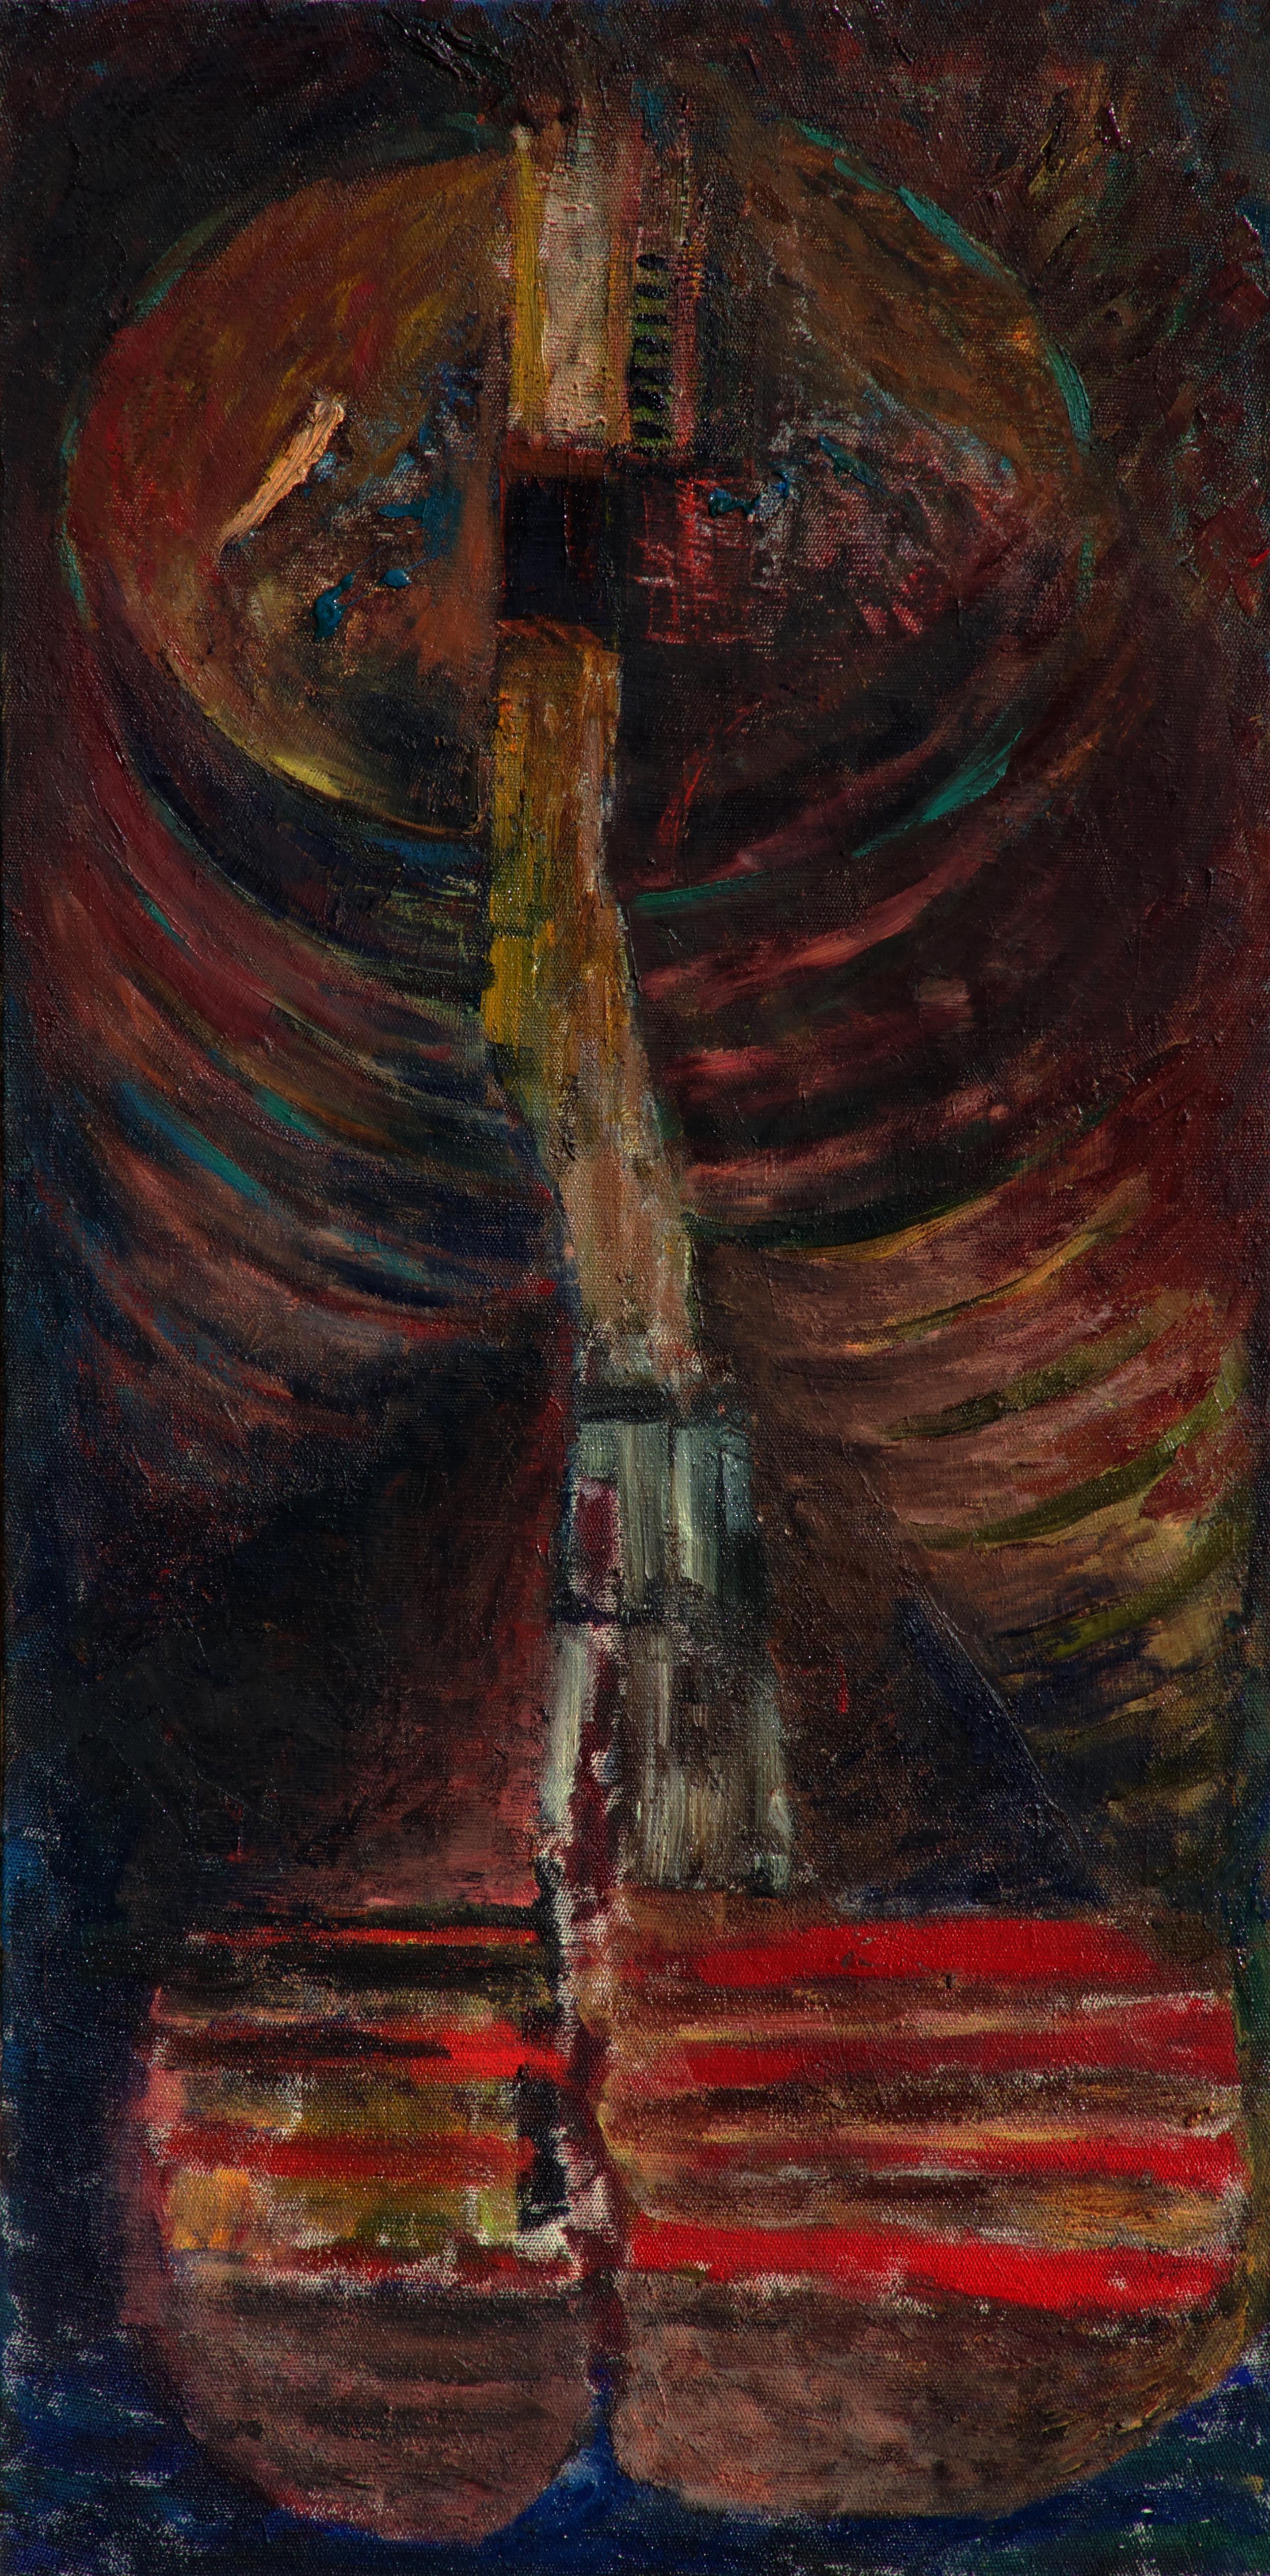 TORSO (1986)